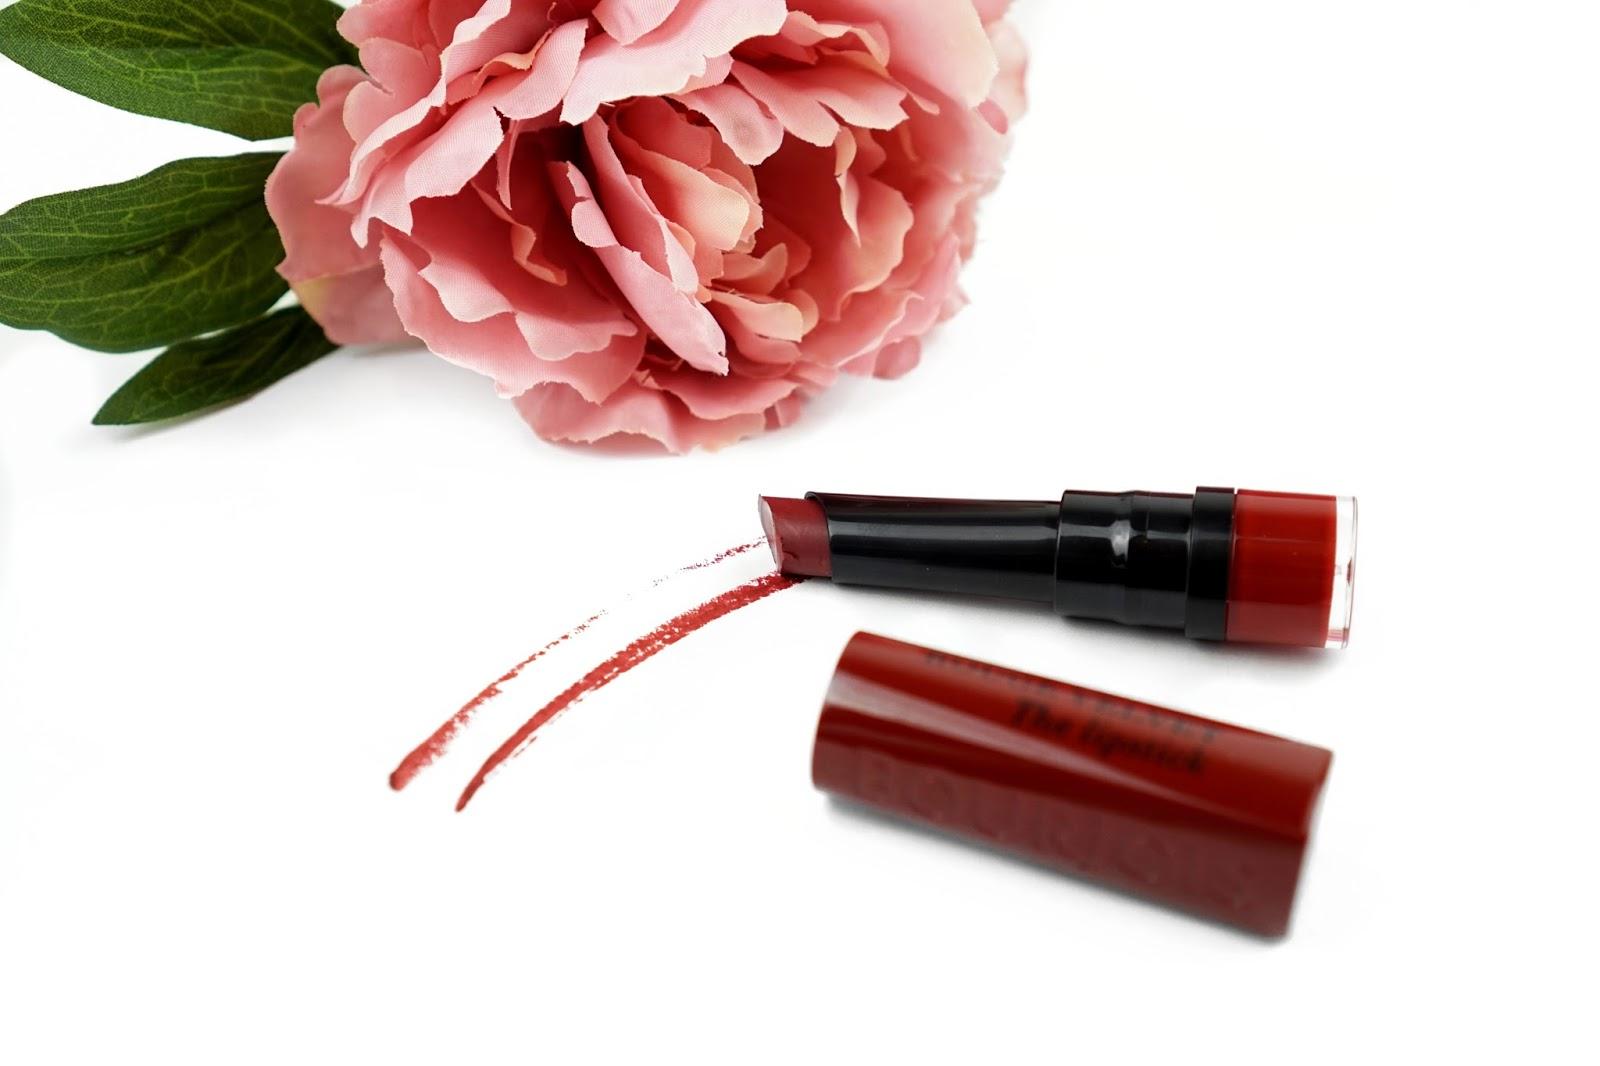 Bourjois_Paris_Rouge_Velvet_Lipstick_12_Brunette